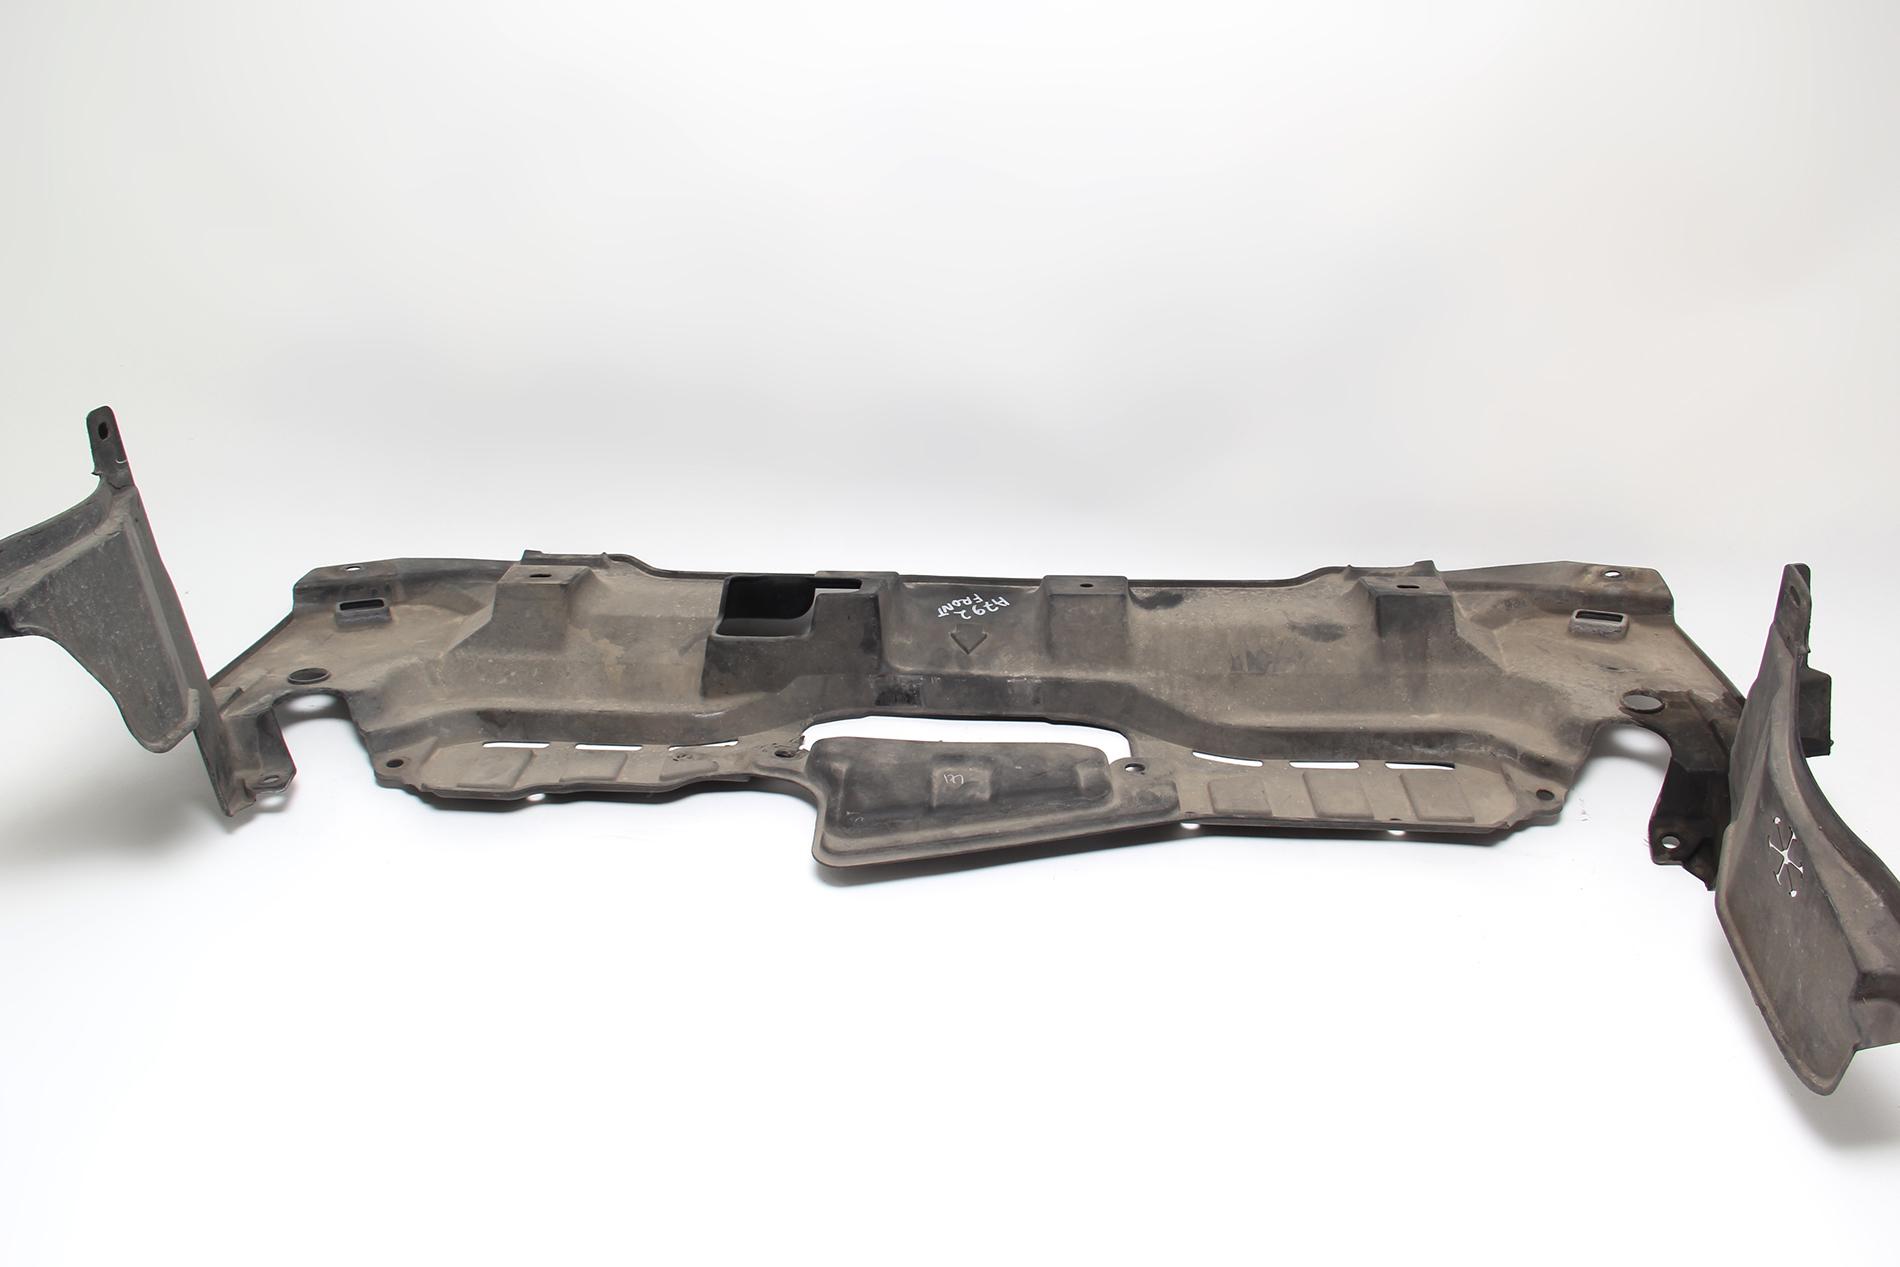 Splash Shield for ELEMENT 03-08 FRONT Left Side